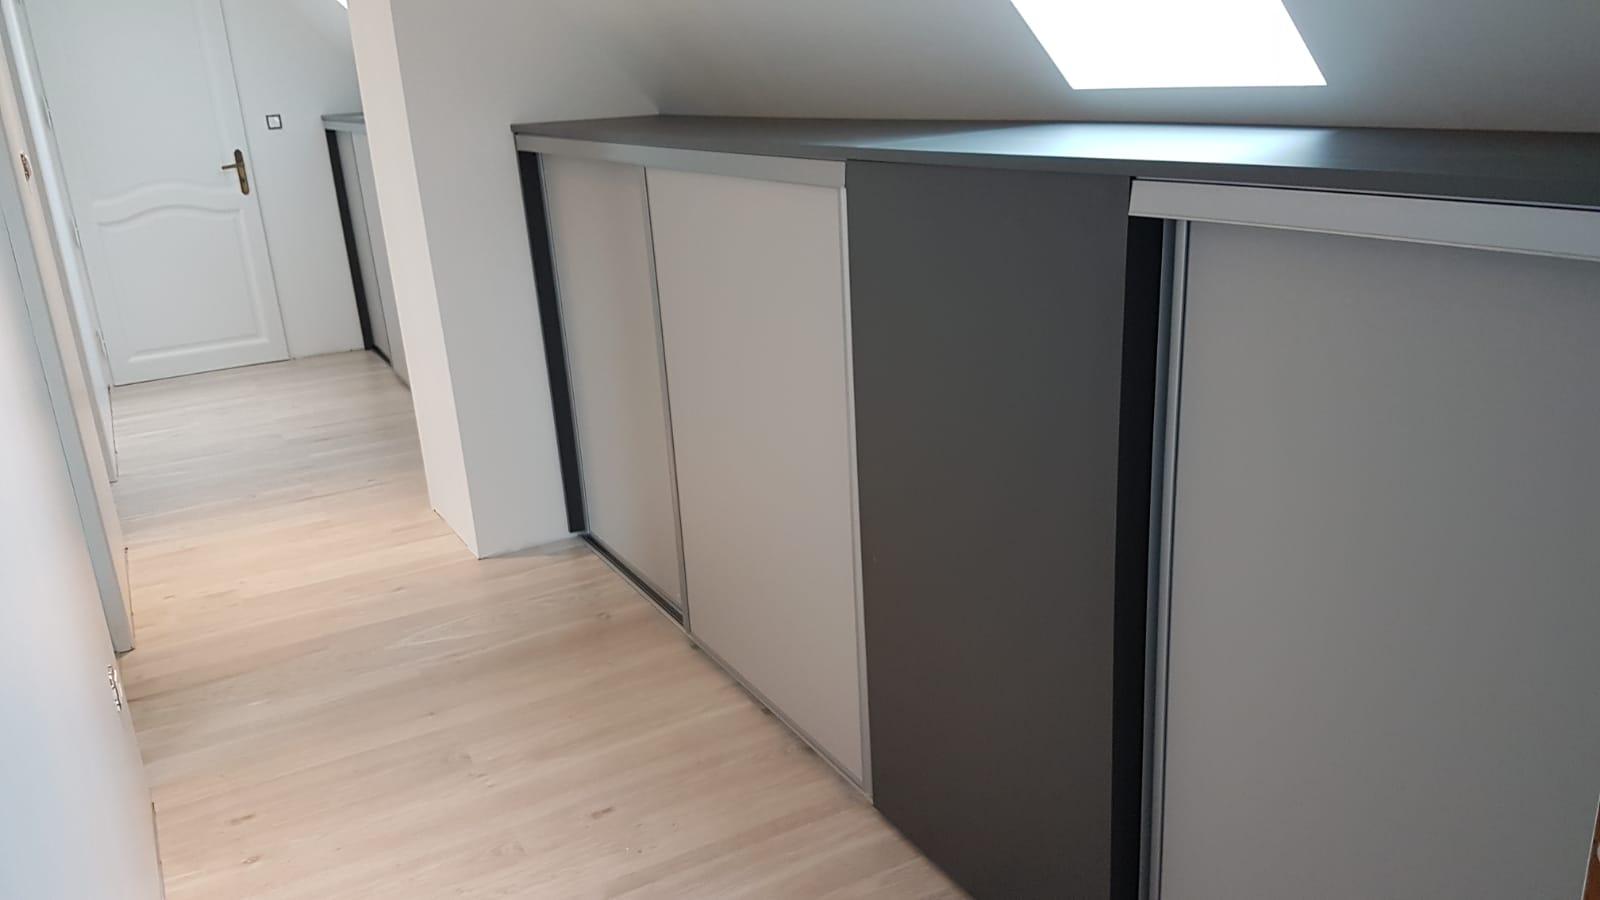 meuble bas avec porte coulissante sous